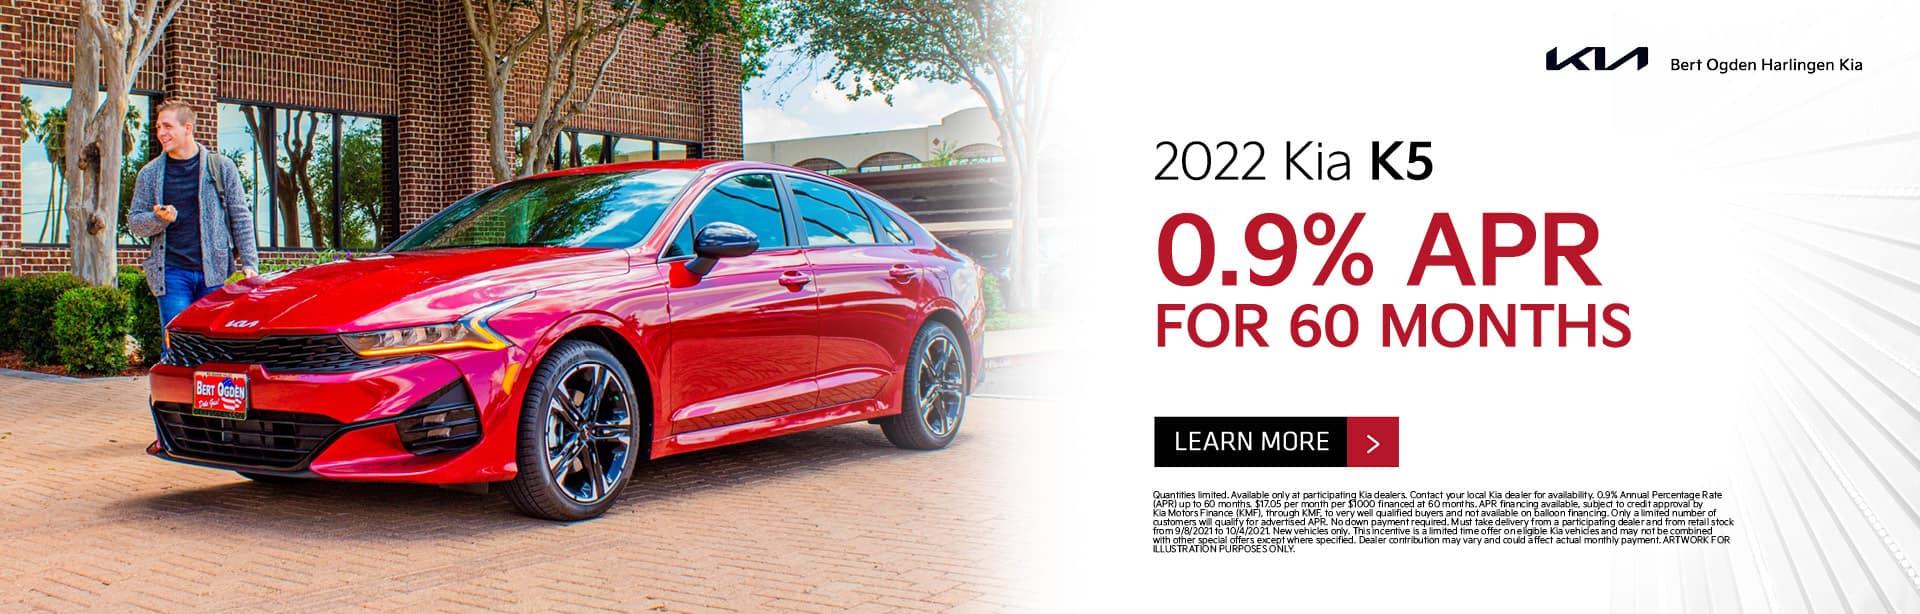 2022 Kia K5 Offer | Bert Ogden Harlingen Kia in Harlingen, Texas